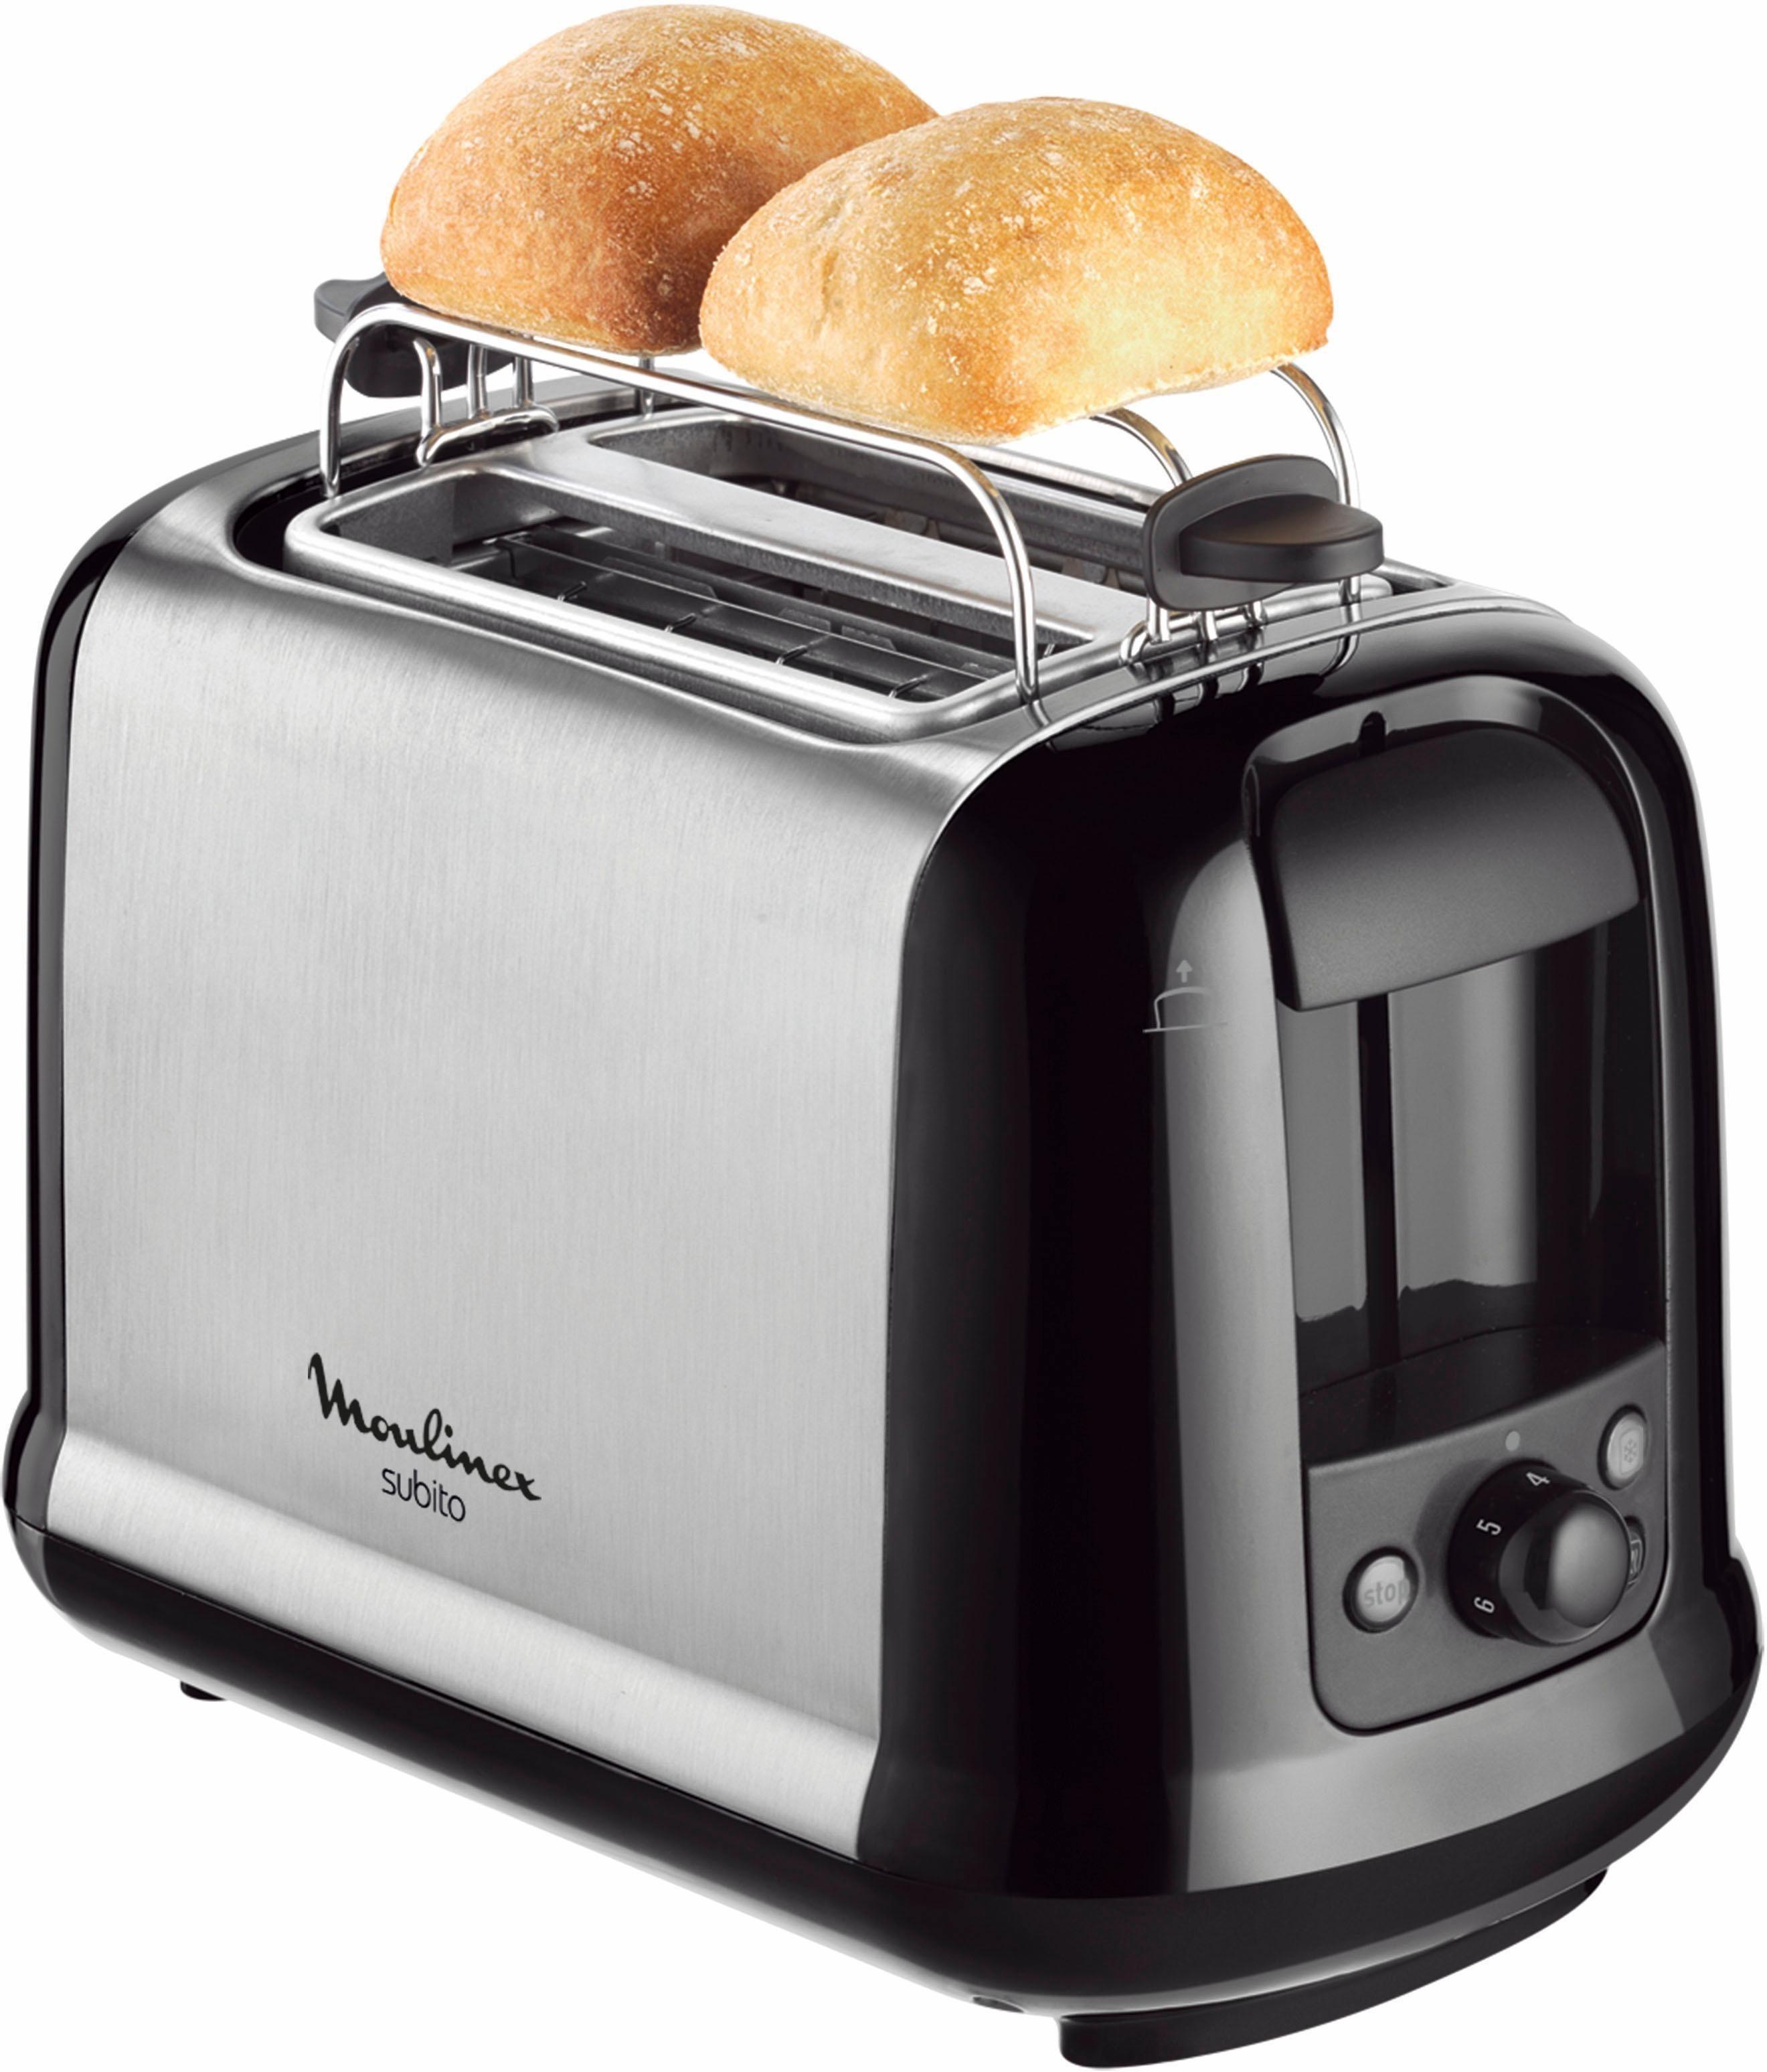 Ofen Toaster Preisvergleich • Die besten Angebote online kaufen